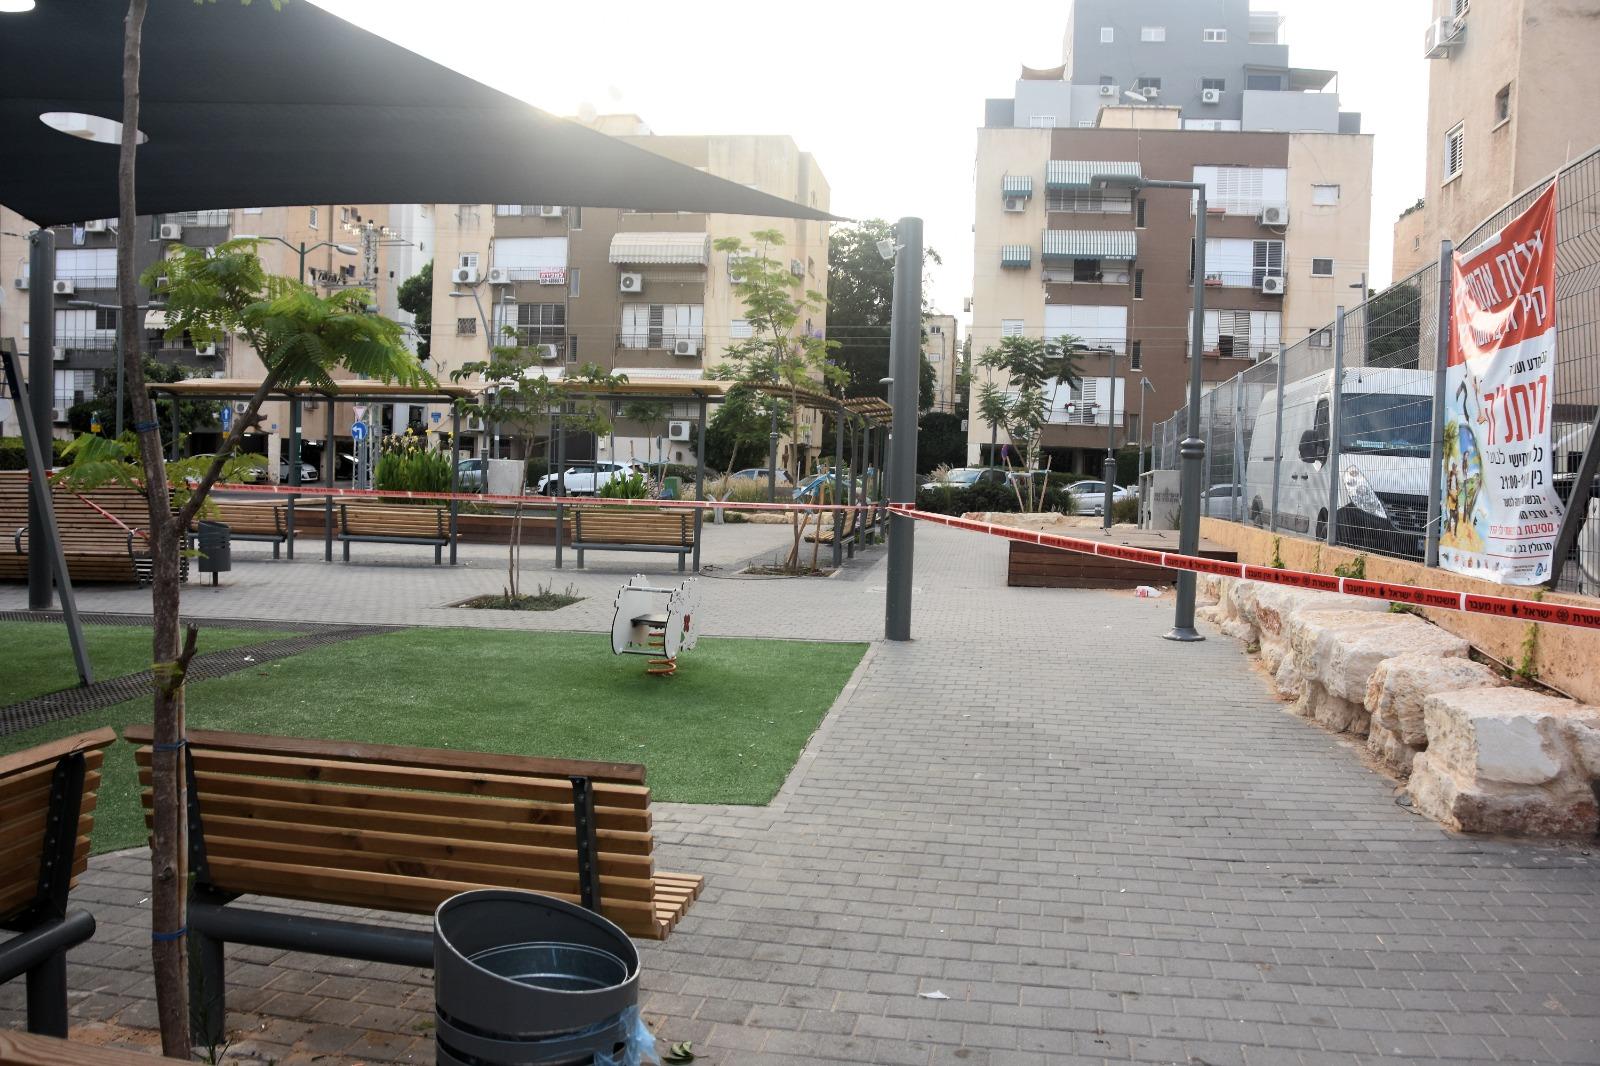 """הגן הציבורי בו קרתה התקיפה החמורה של תושב ראשל""""צ וכלבו. צילום: משטרת ישראל"""